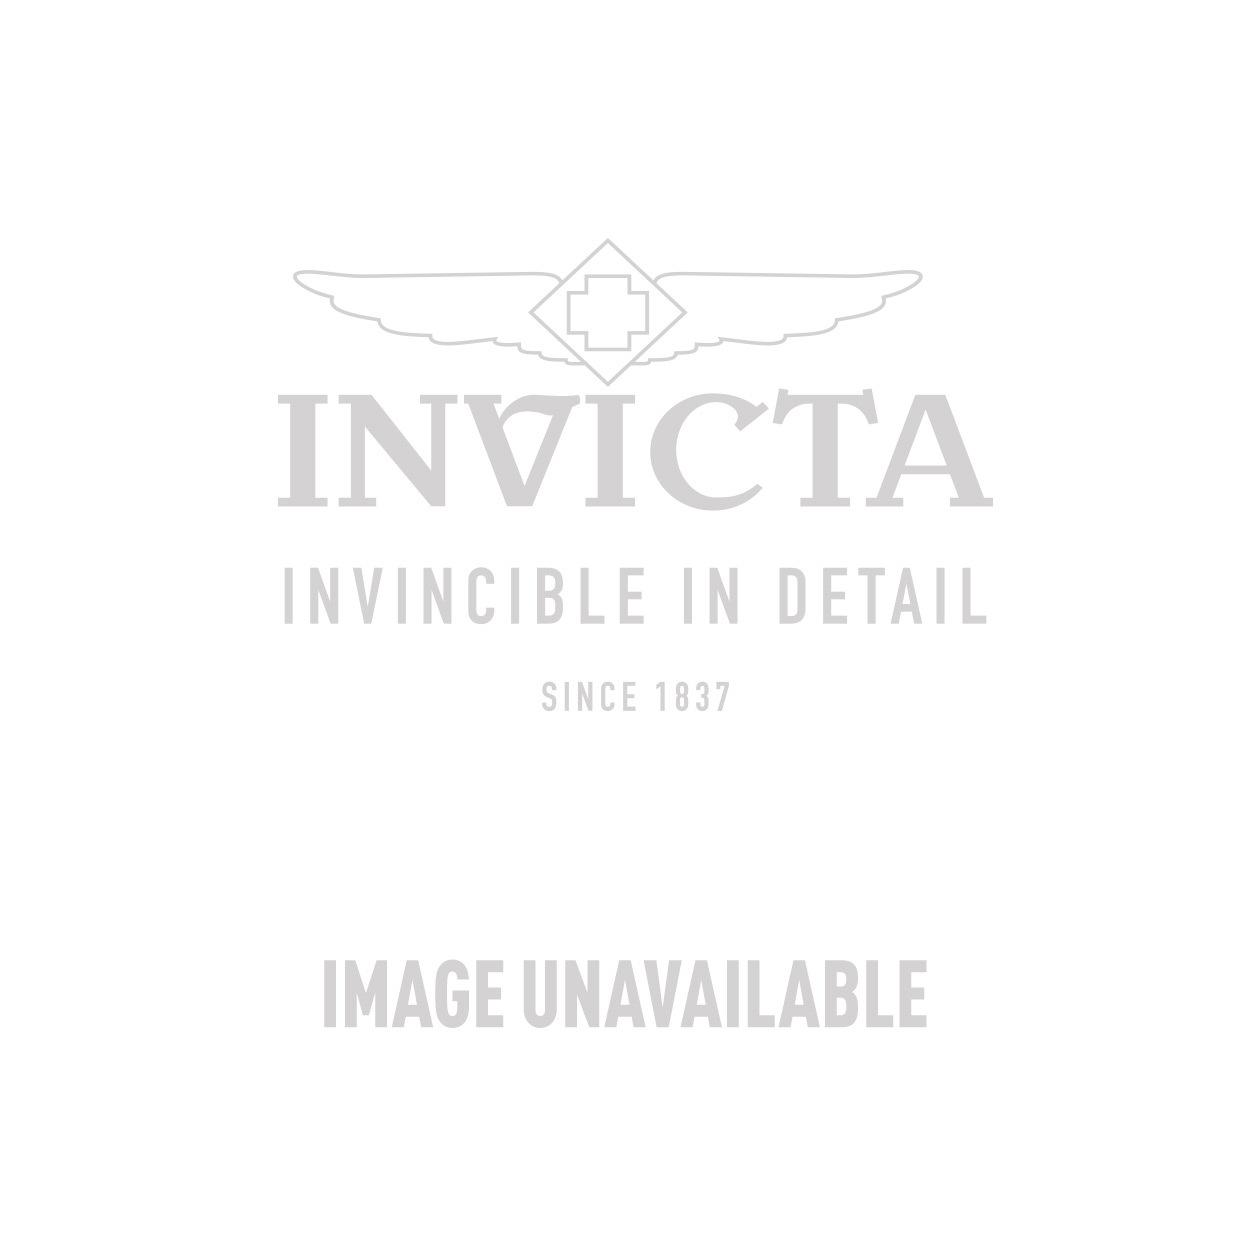 Invicta Model 24566